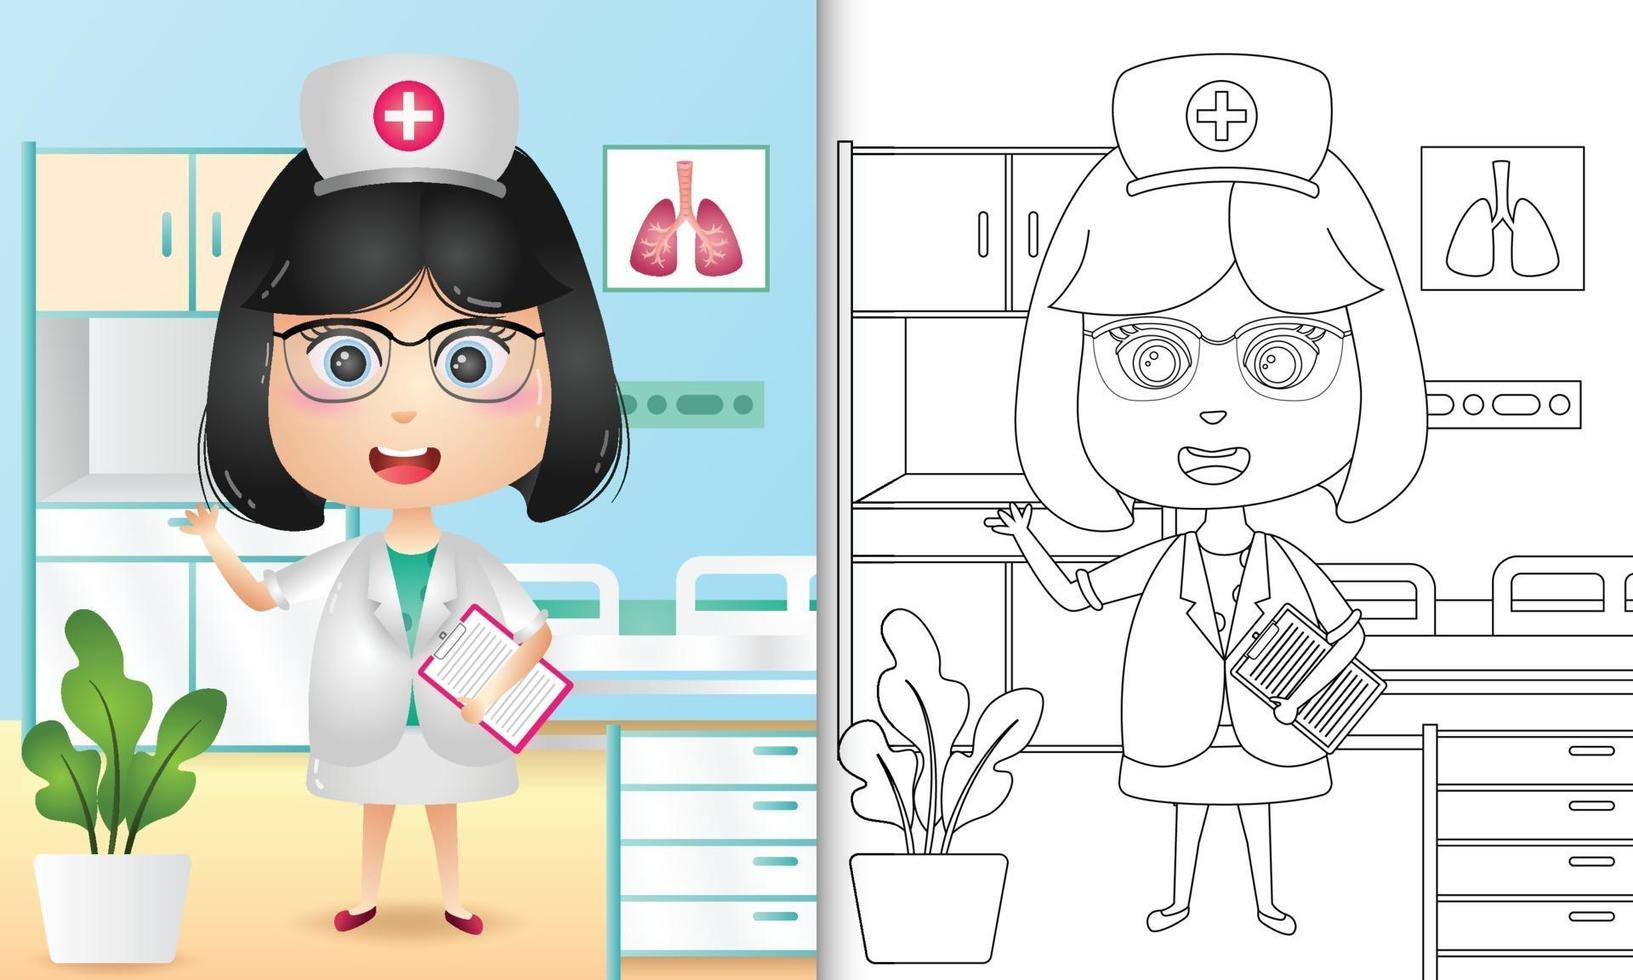 livre de coloriage pour les enfants avec une illustration de personnage infirmière jolie fille vecteur